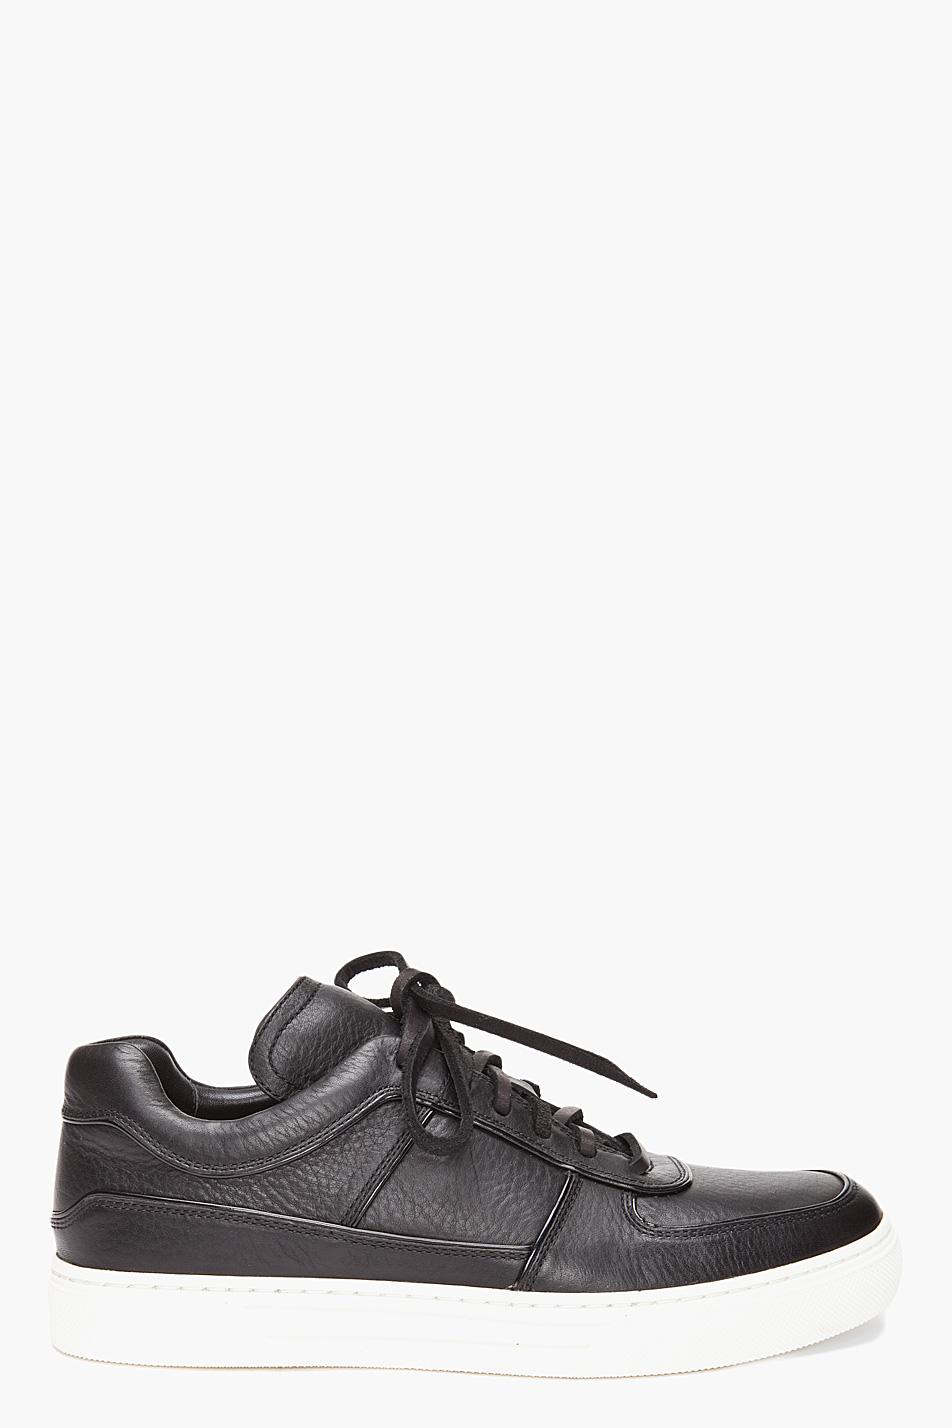 Alejandro Ingelmo Designer Mens Shoes